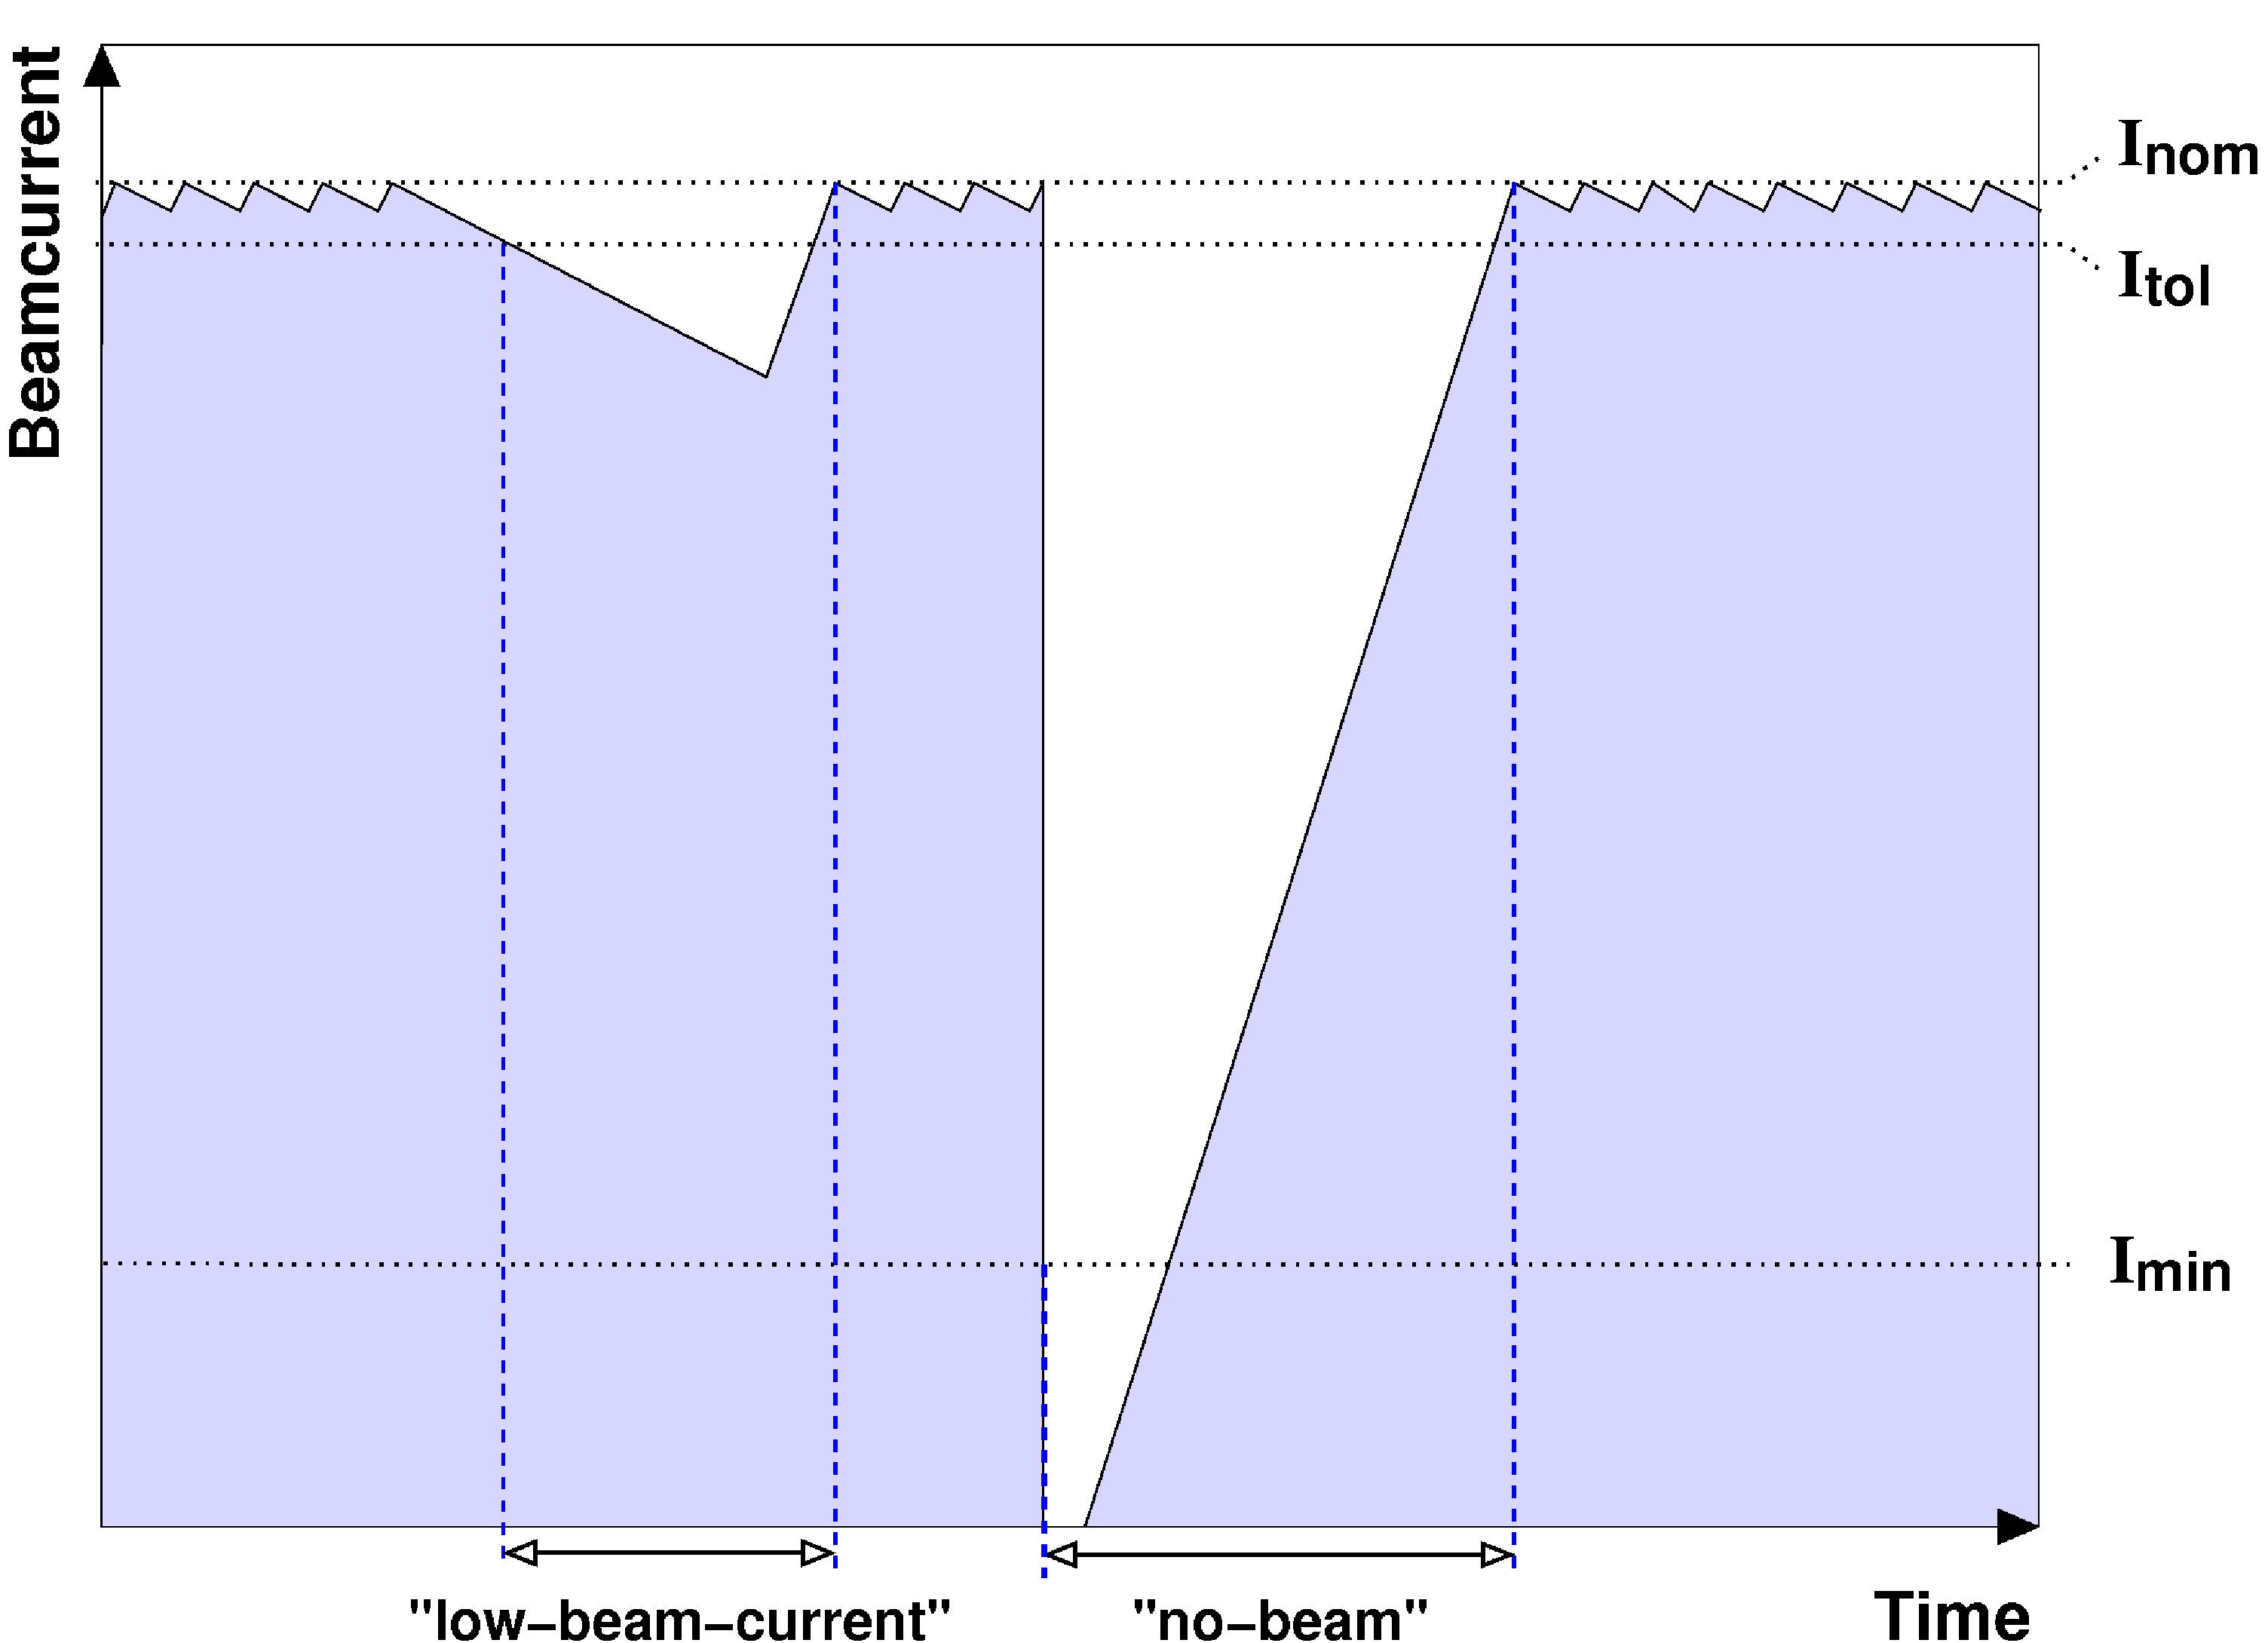 Beam plot